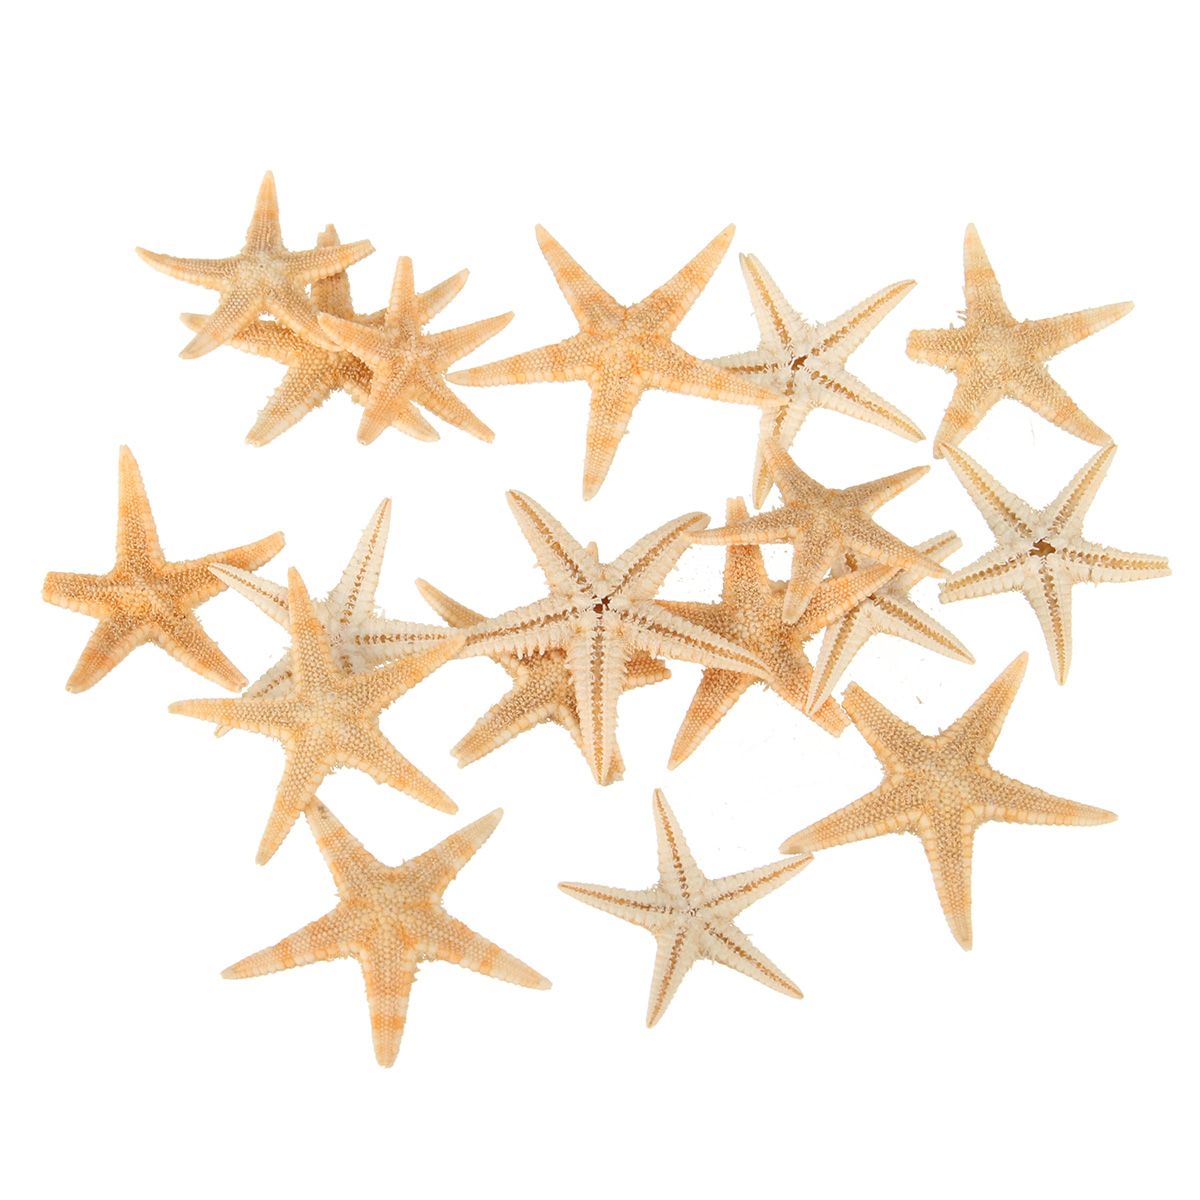 Шт мини морская звезда морская звезда ракушка пейзаж Пляжный Свадебное DIY ремесла изготовление украшений